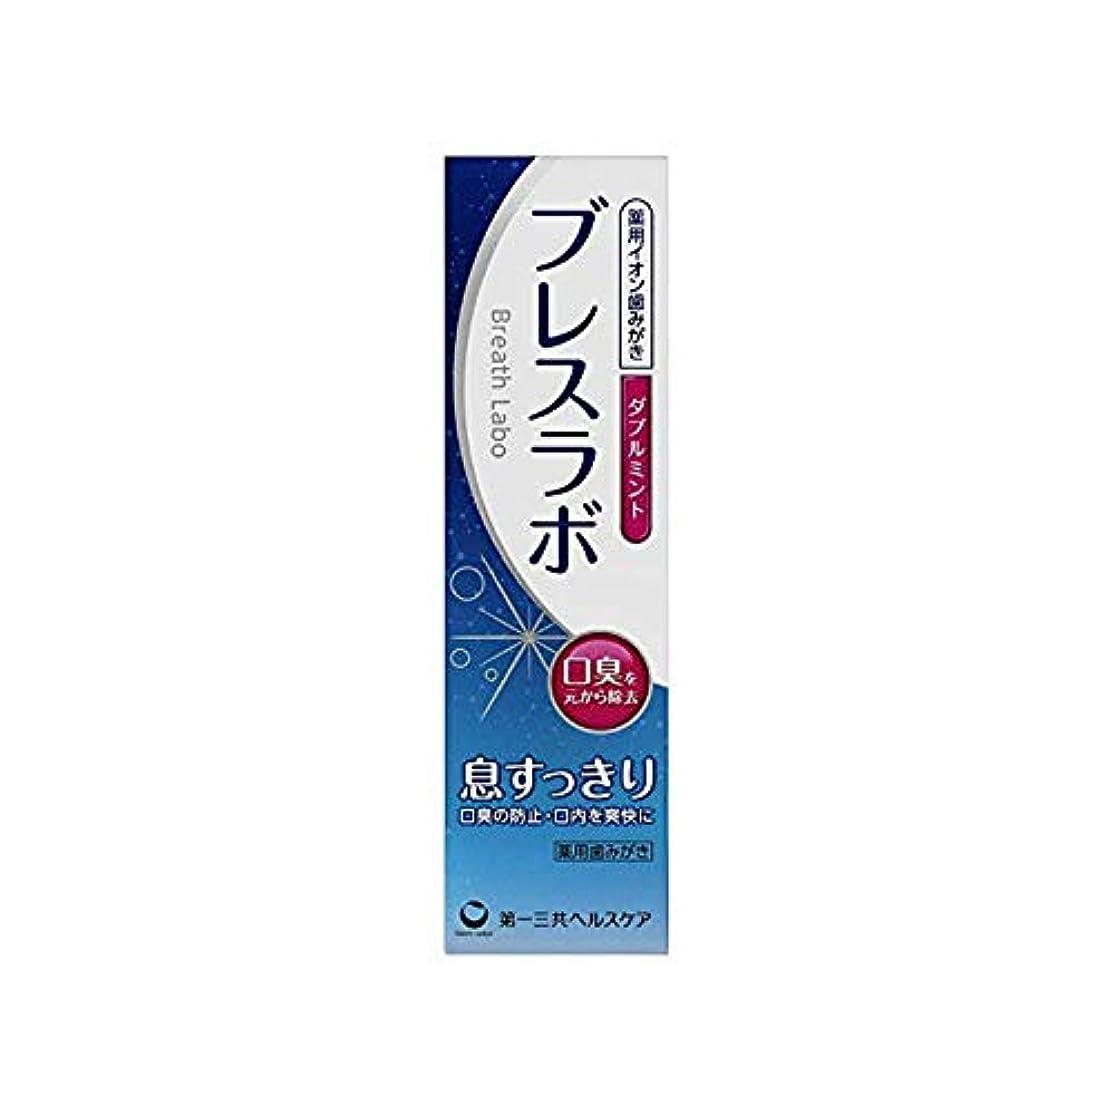 授業料クラッチ蜜【5個セット】ブレスラボ ダブルミント 90g